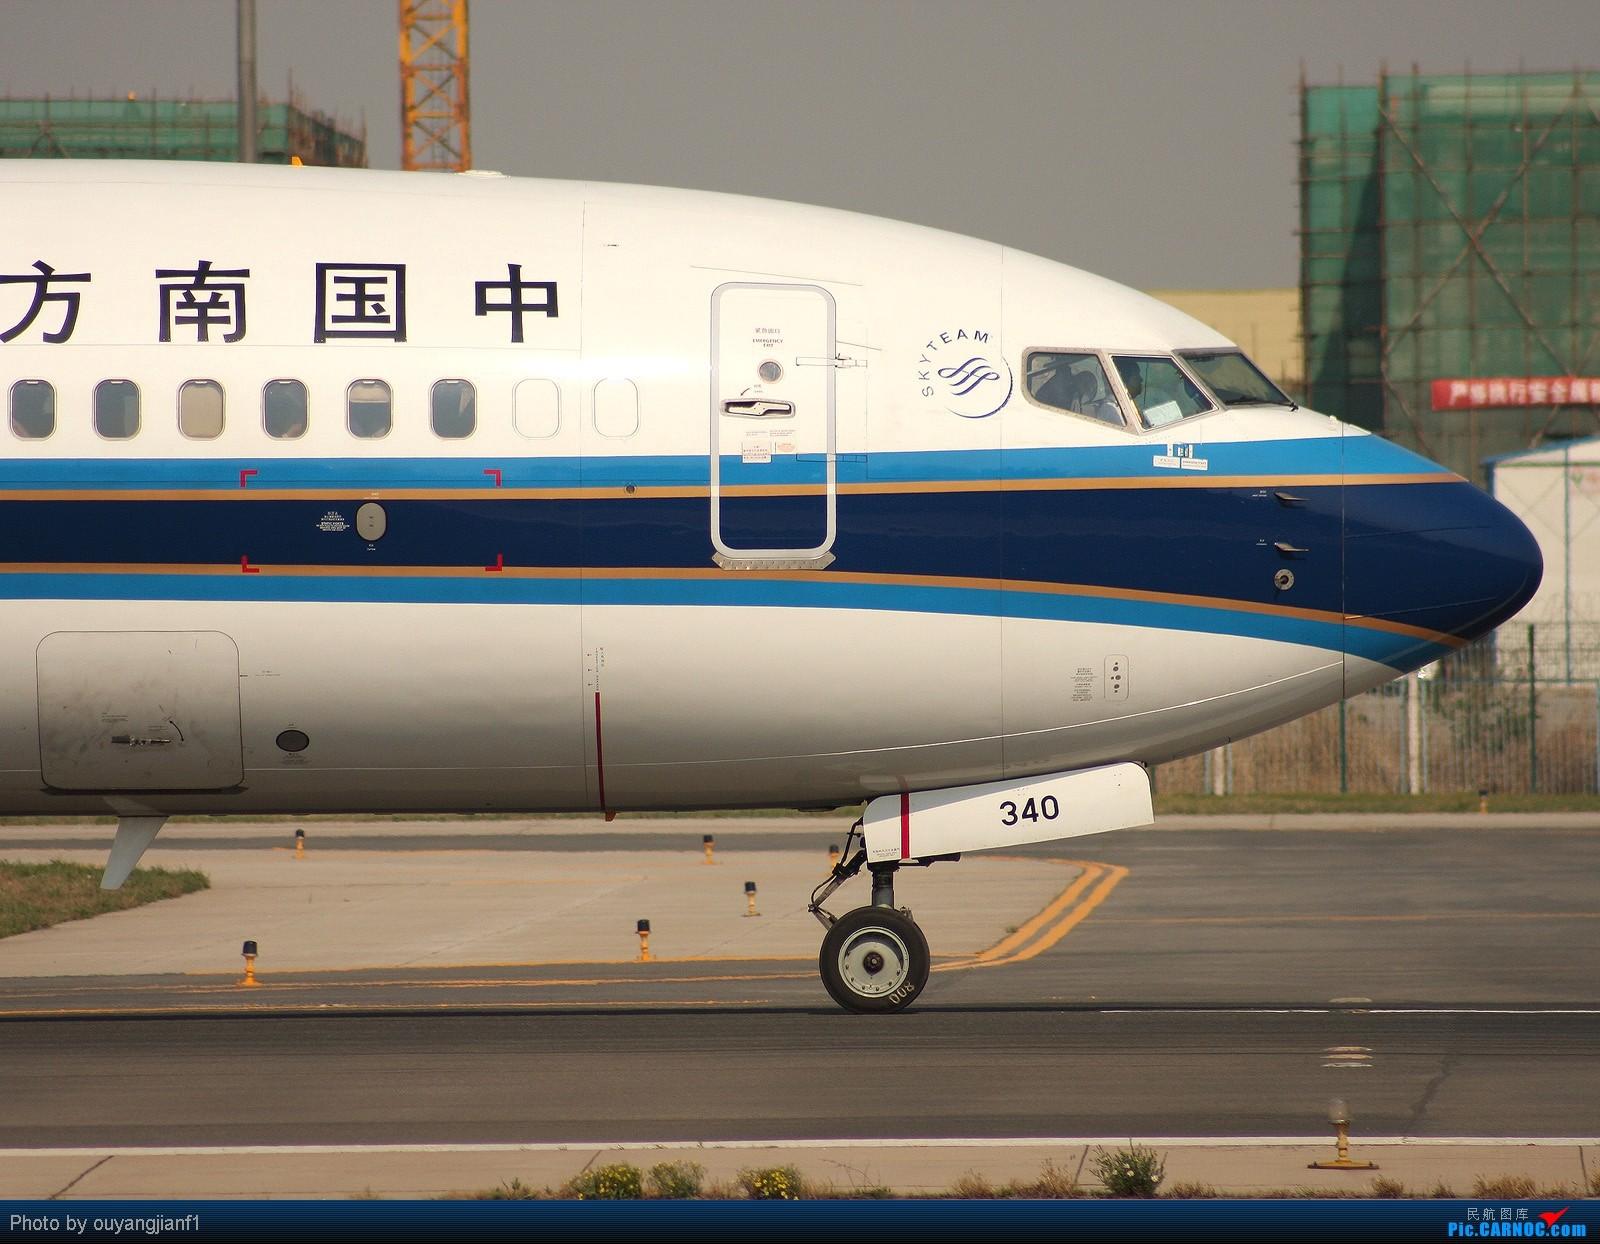 Re:[原创]快有一年没去西跑道了,拍机的感觉已逐渐淡忘,但是只要心中有梦,手中有单反,一切皆有可能! BOEING 737-800 B-5340 北京